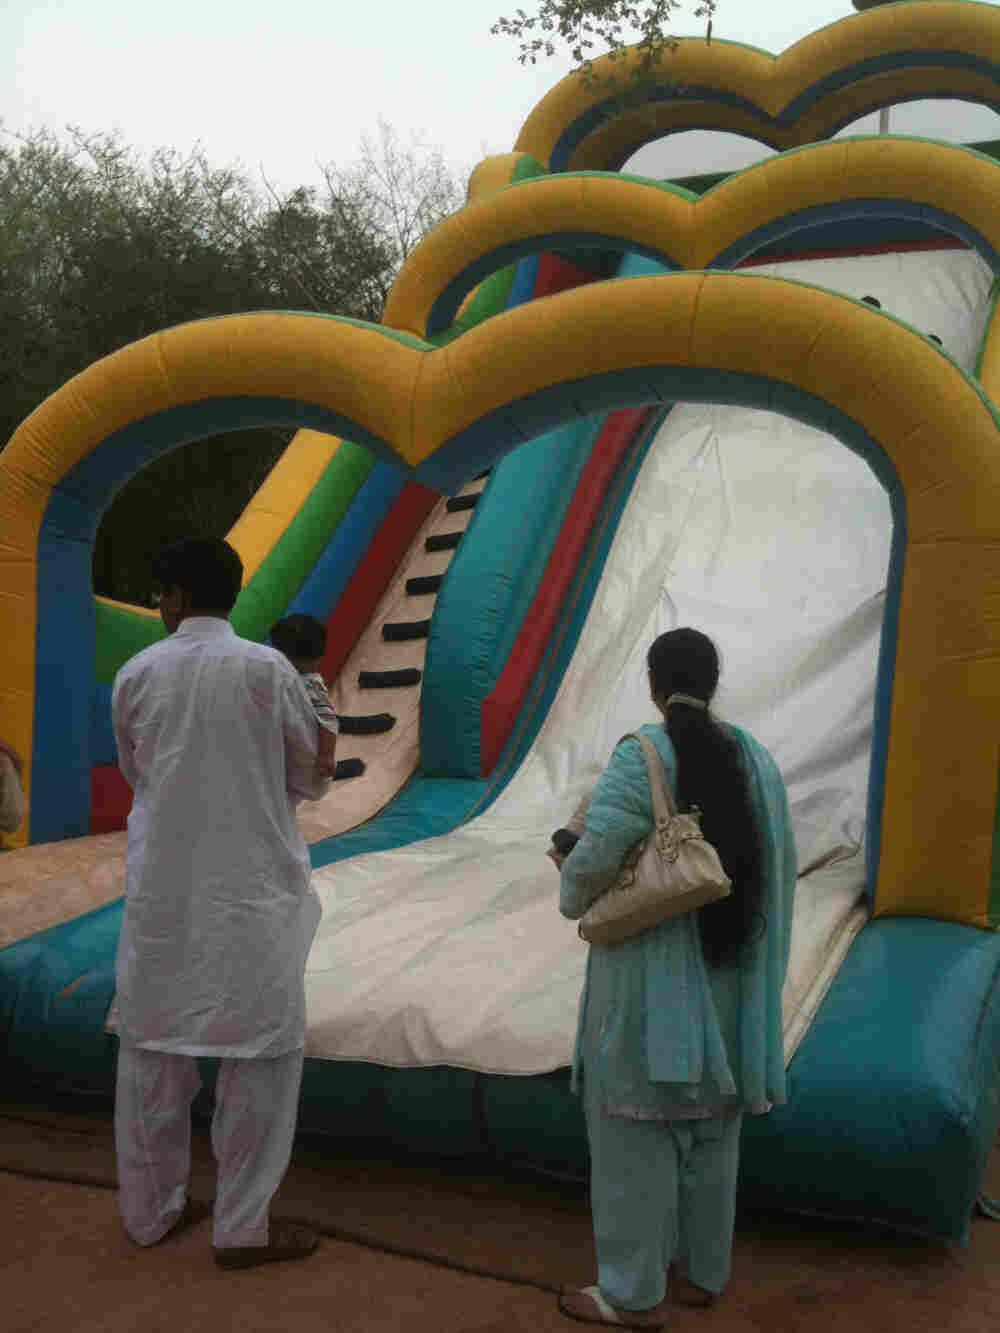 margallah park slide.jpg